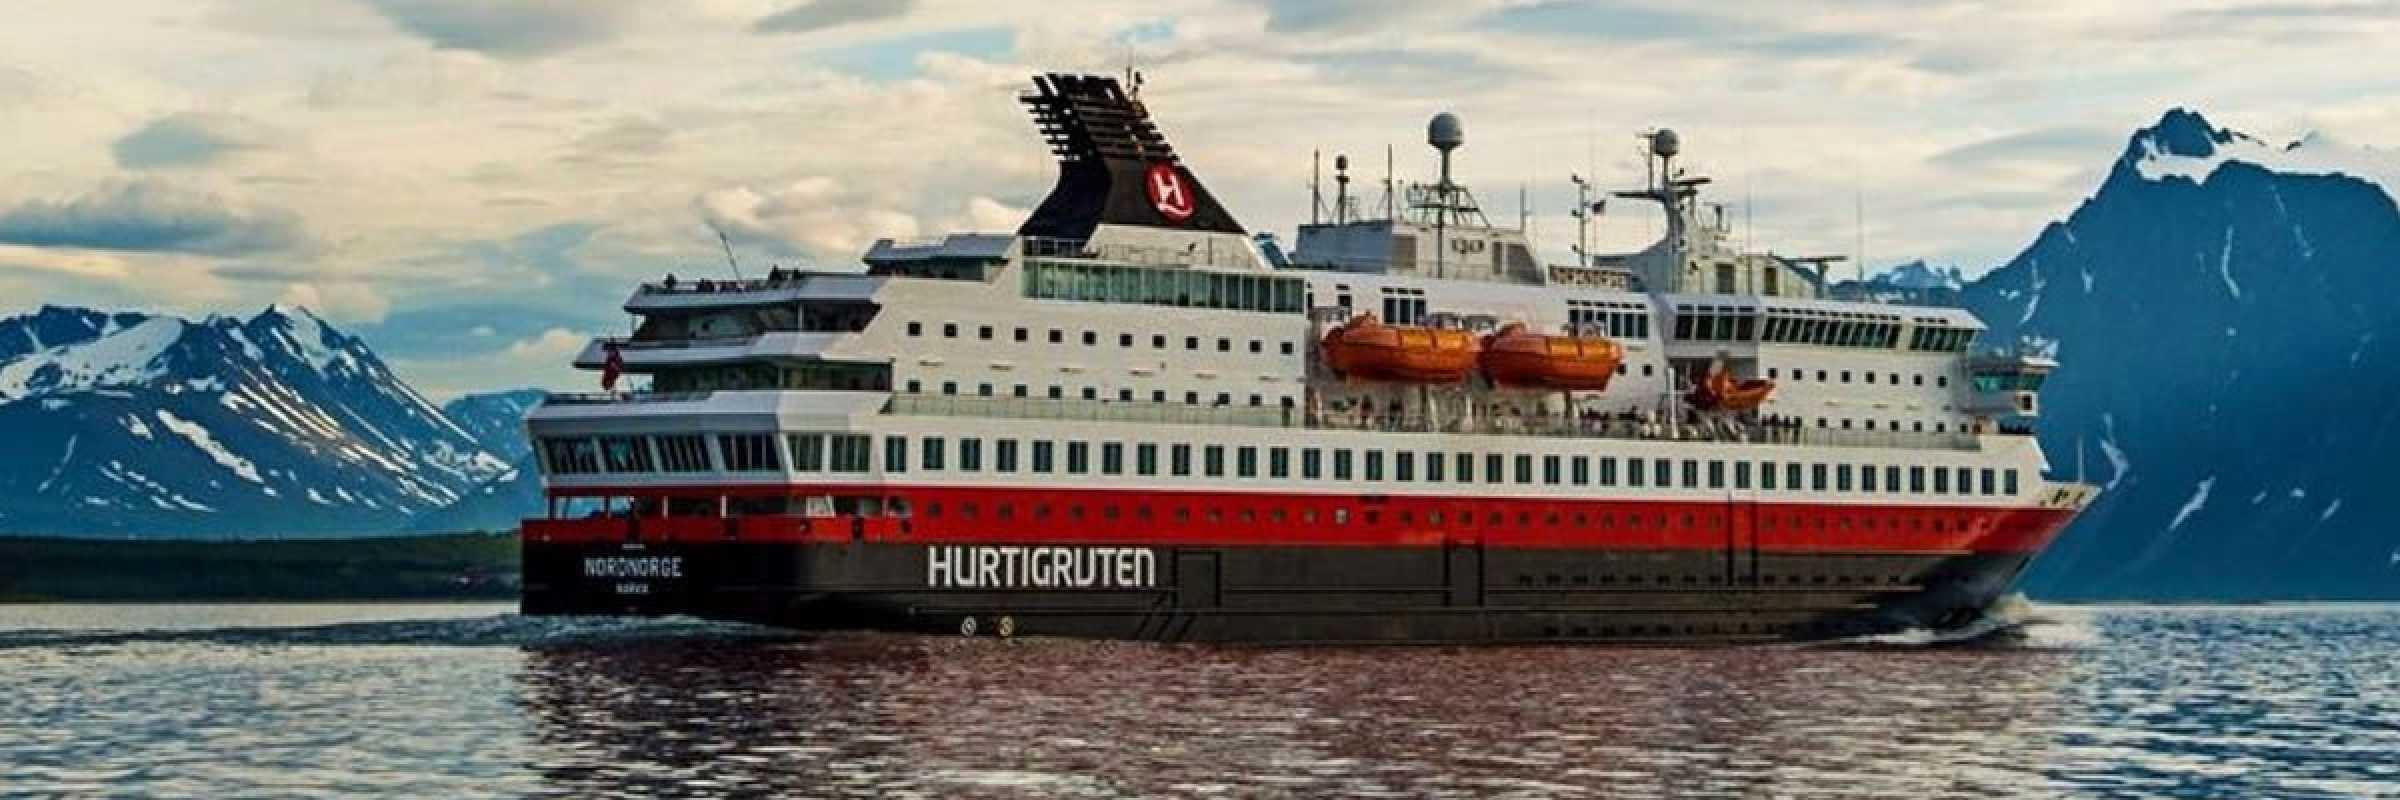 Høglund inks Hurtigruten biogas fuel supply system deal